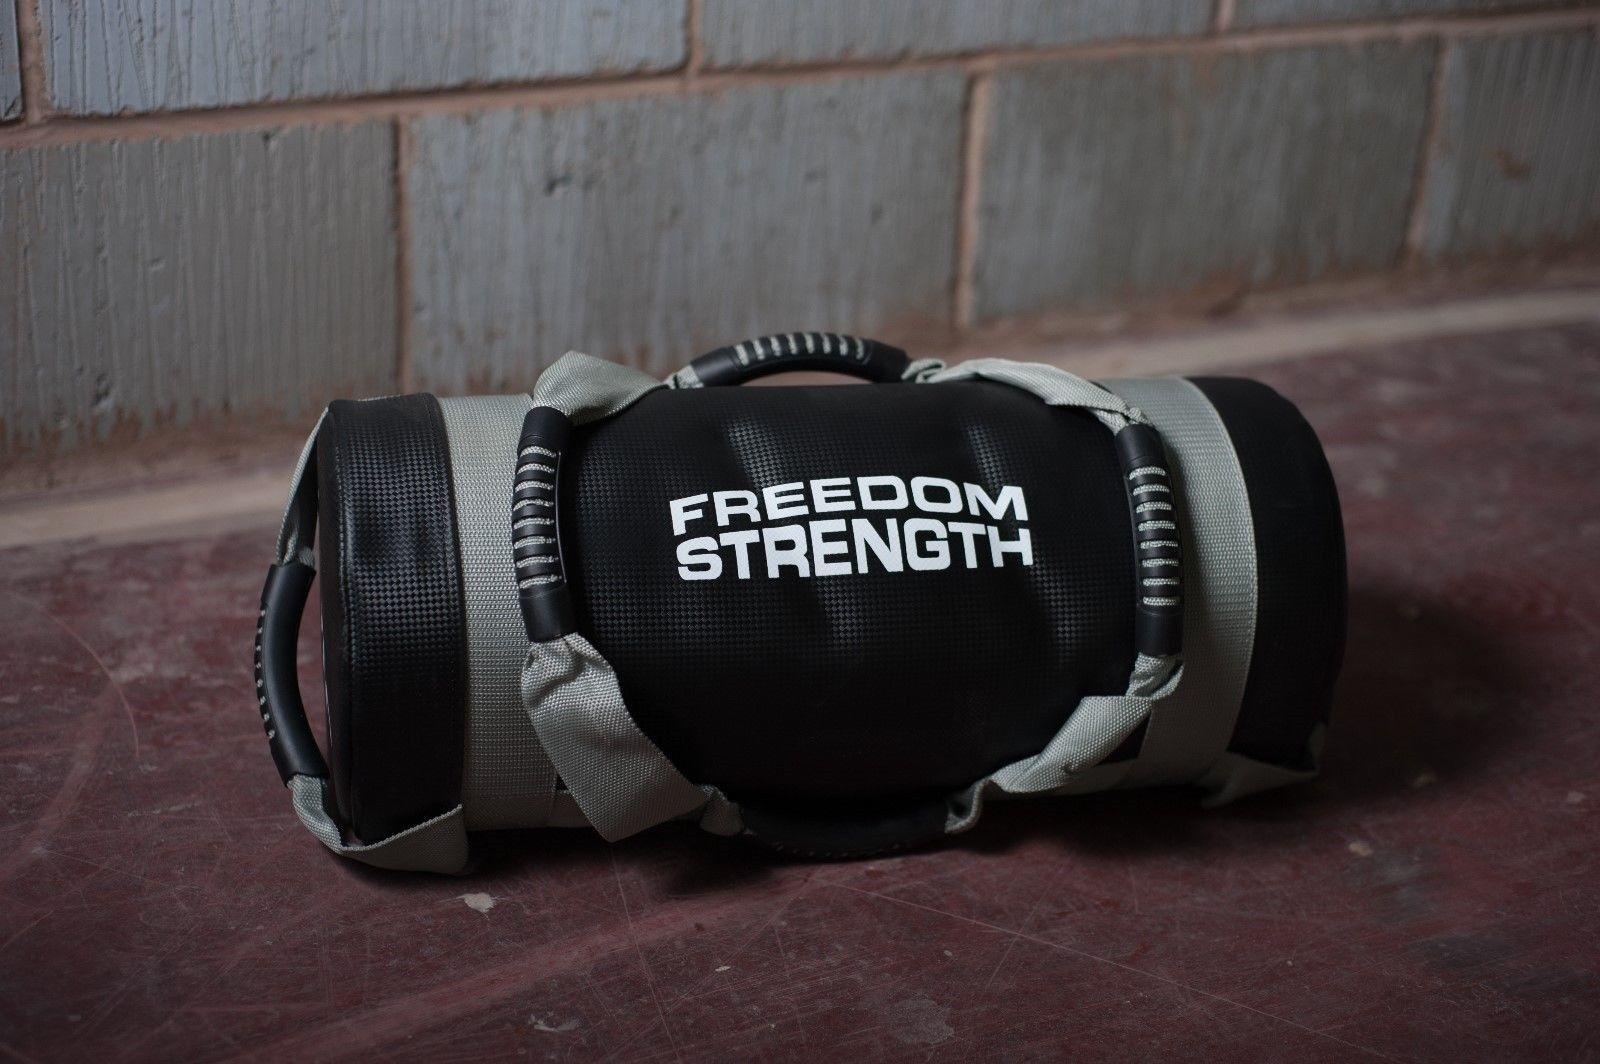 Alimentación Core Funcional Bolsa De Arena Para Crossfit, Entrenamiento, Fuerza, Potencia